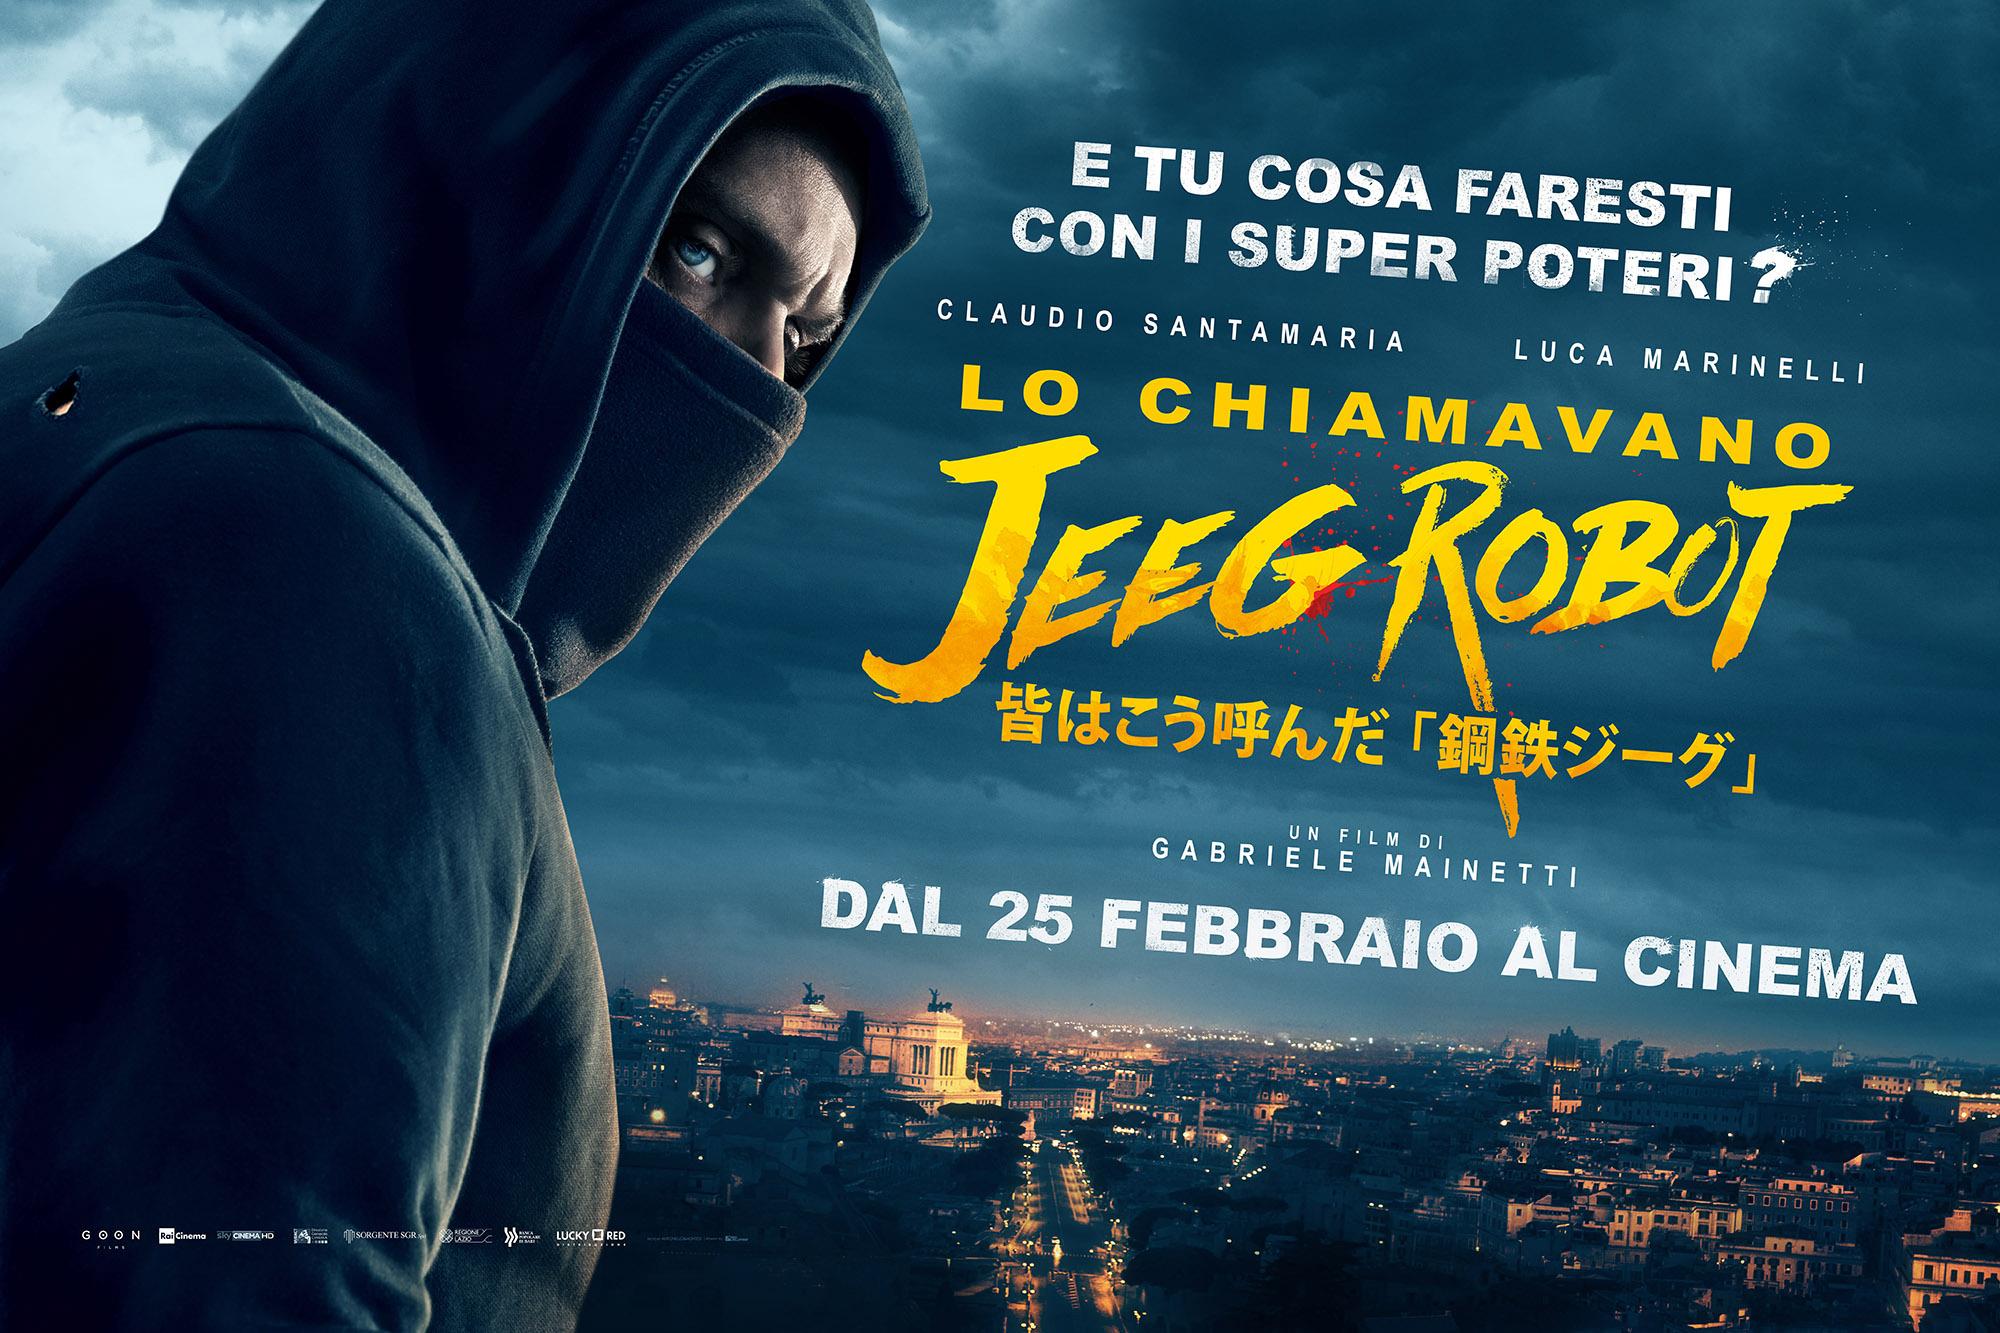 """「皆はこう呼んだ、鋼鉄ジーグ」""""Lo chiamavano Jeeg Robot"""" aka """"They call me Jeeg Robot""""(2015)"""